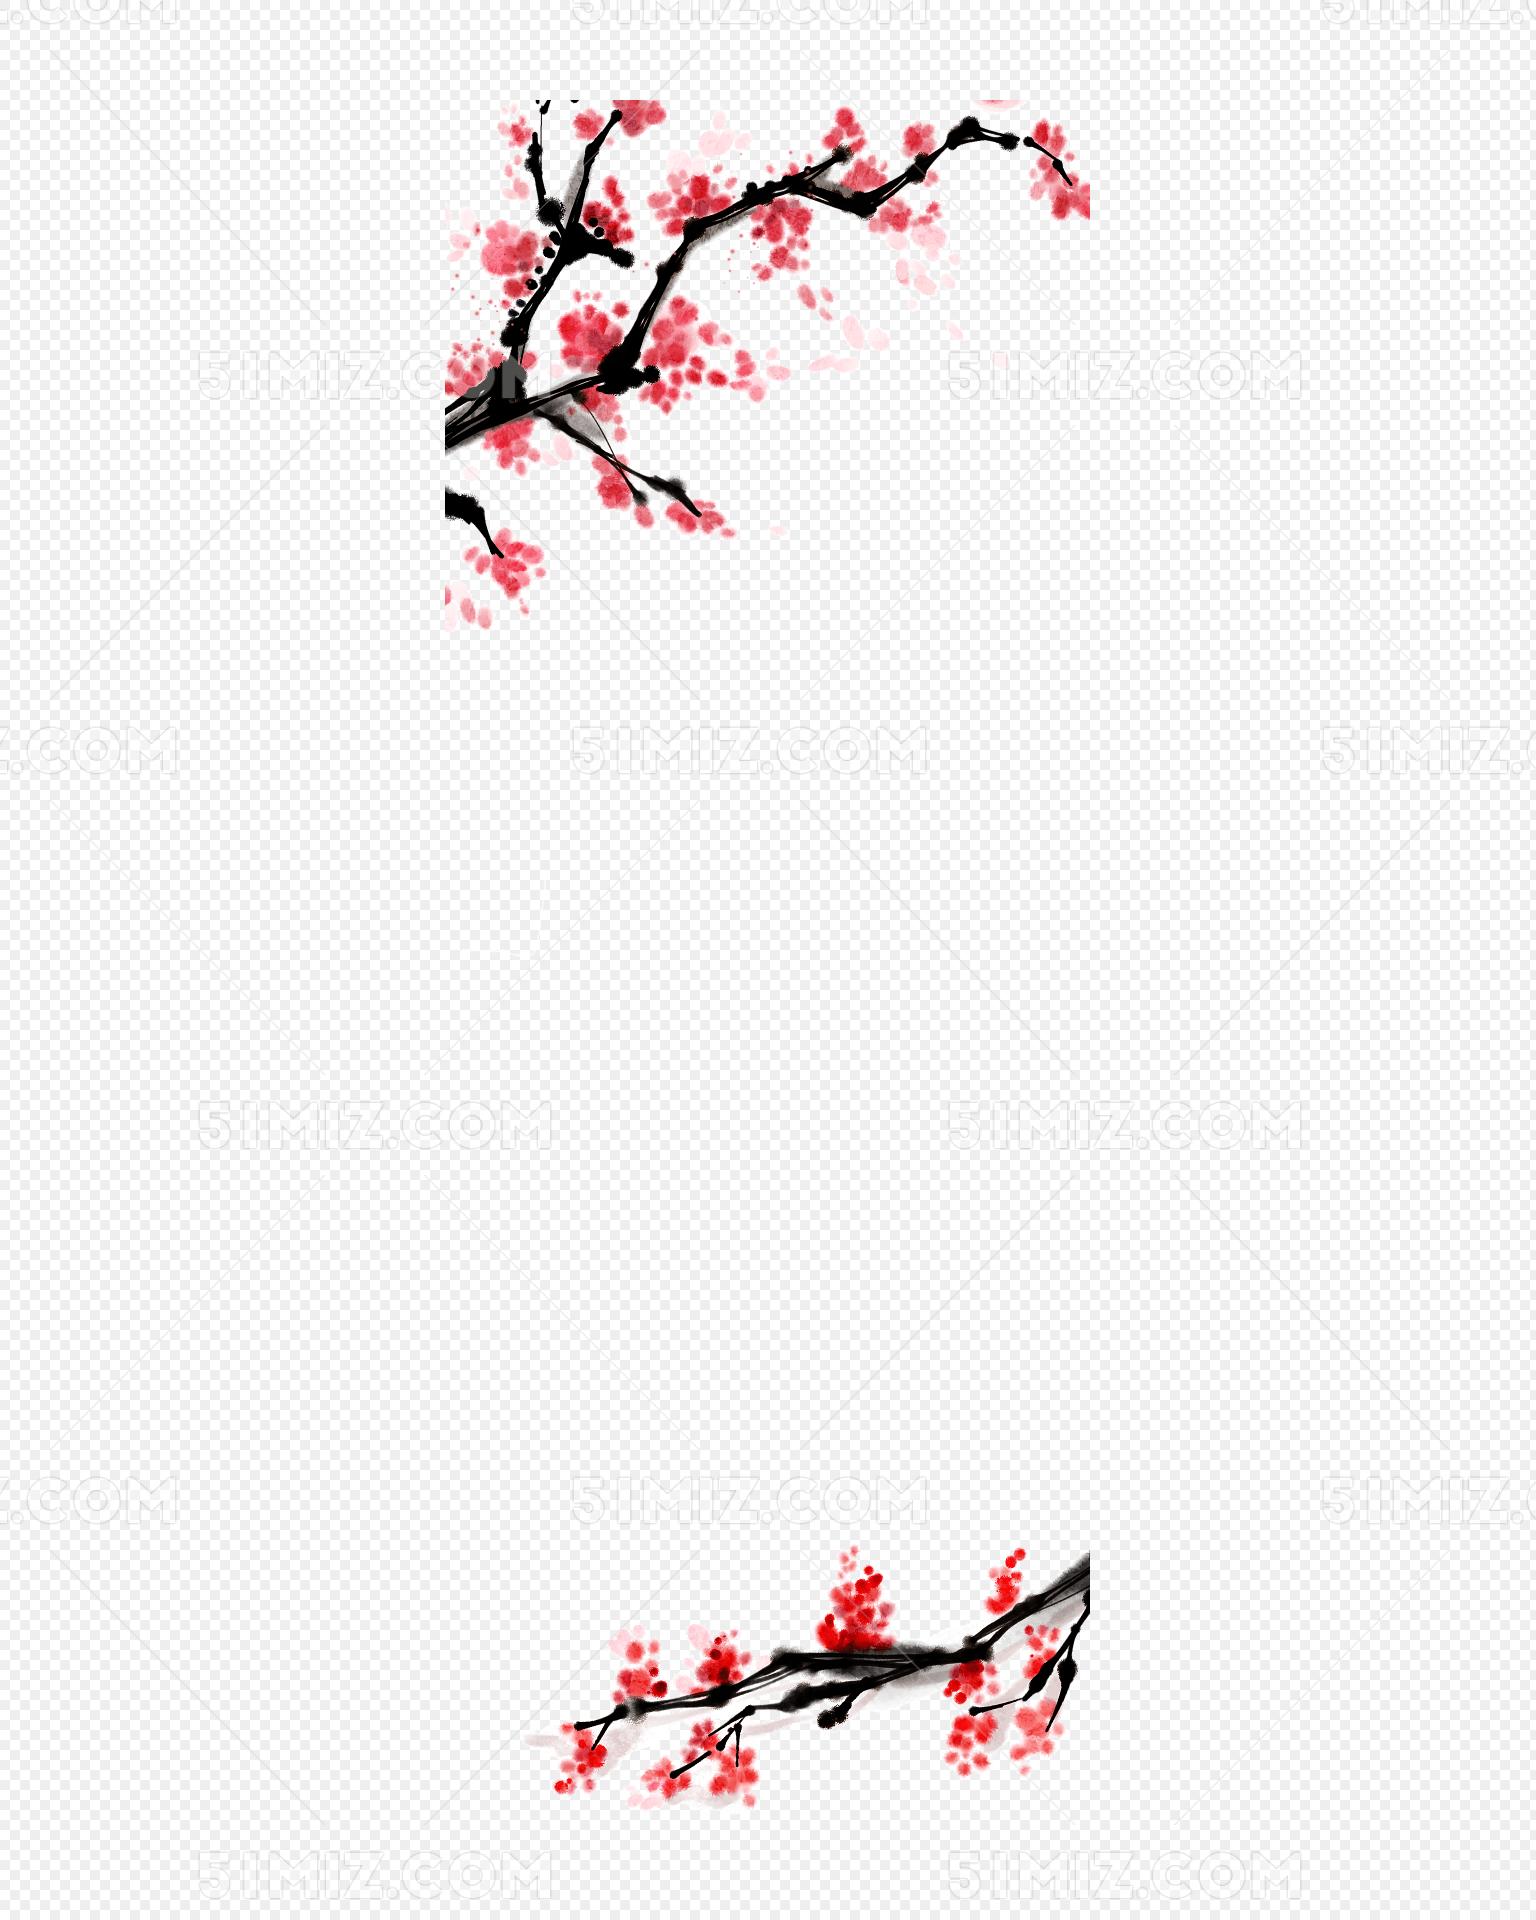 水墨梅花边框背景